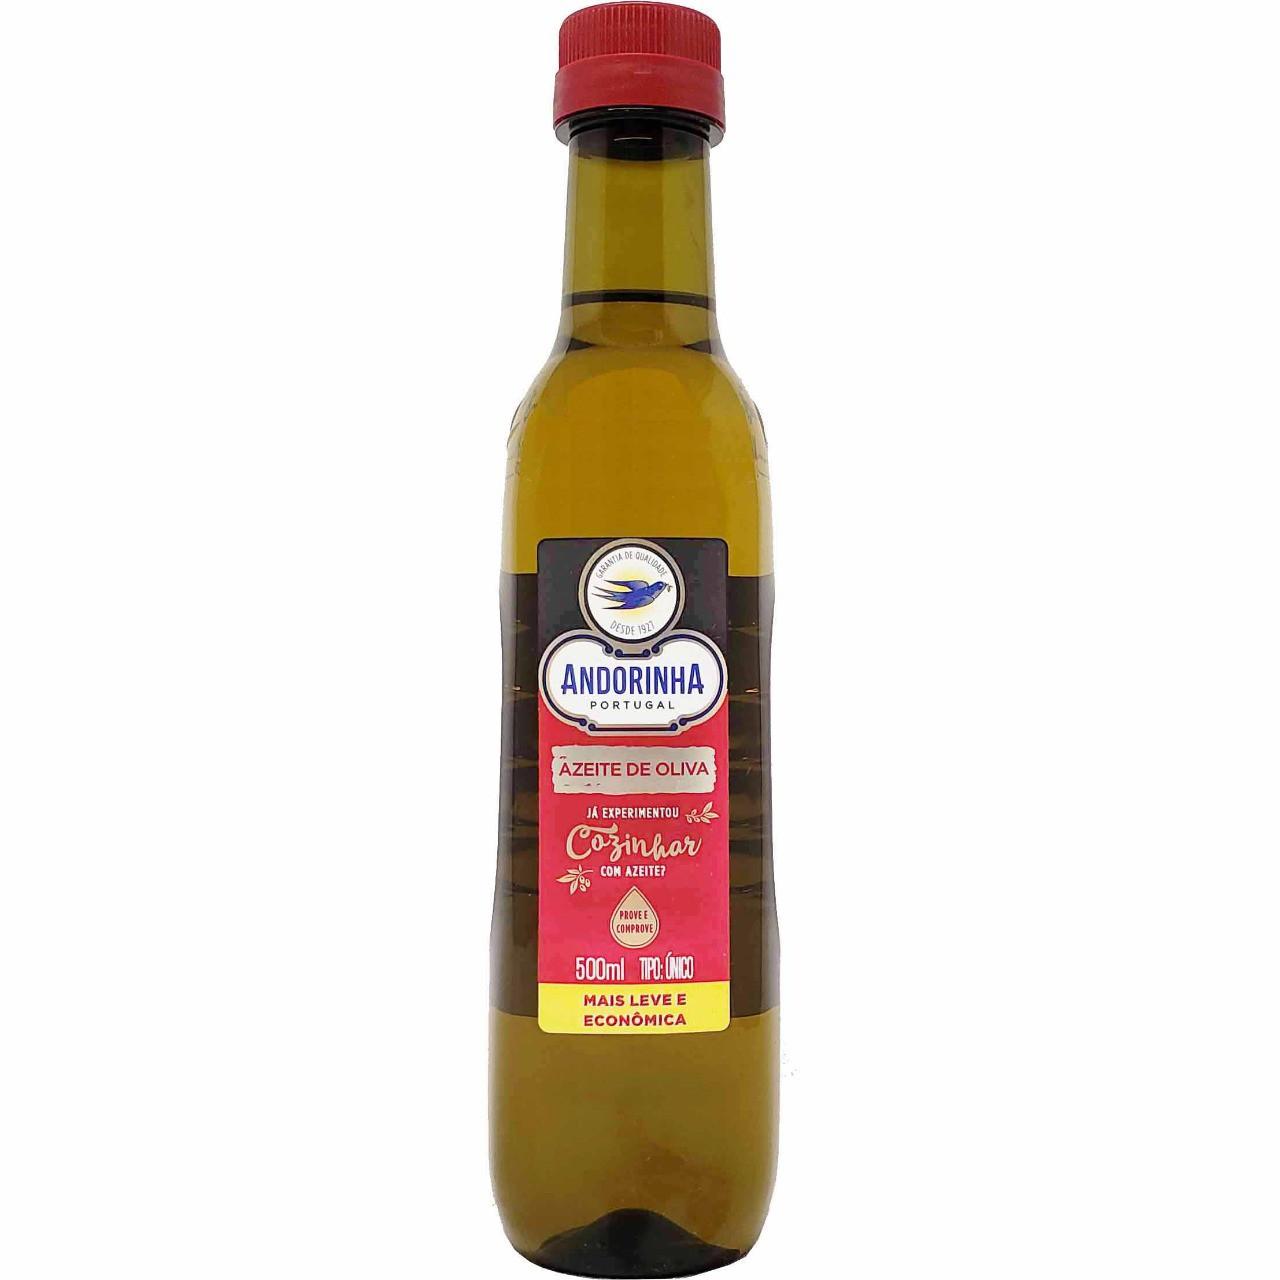 Azeite de Oliva Andorinha - 500ml -